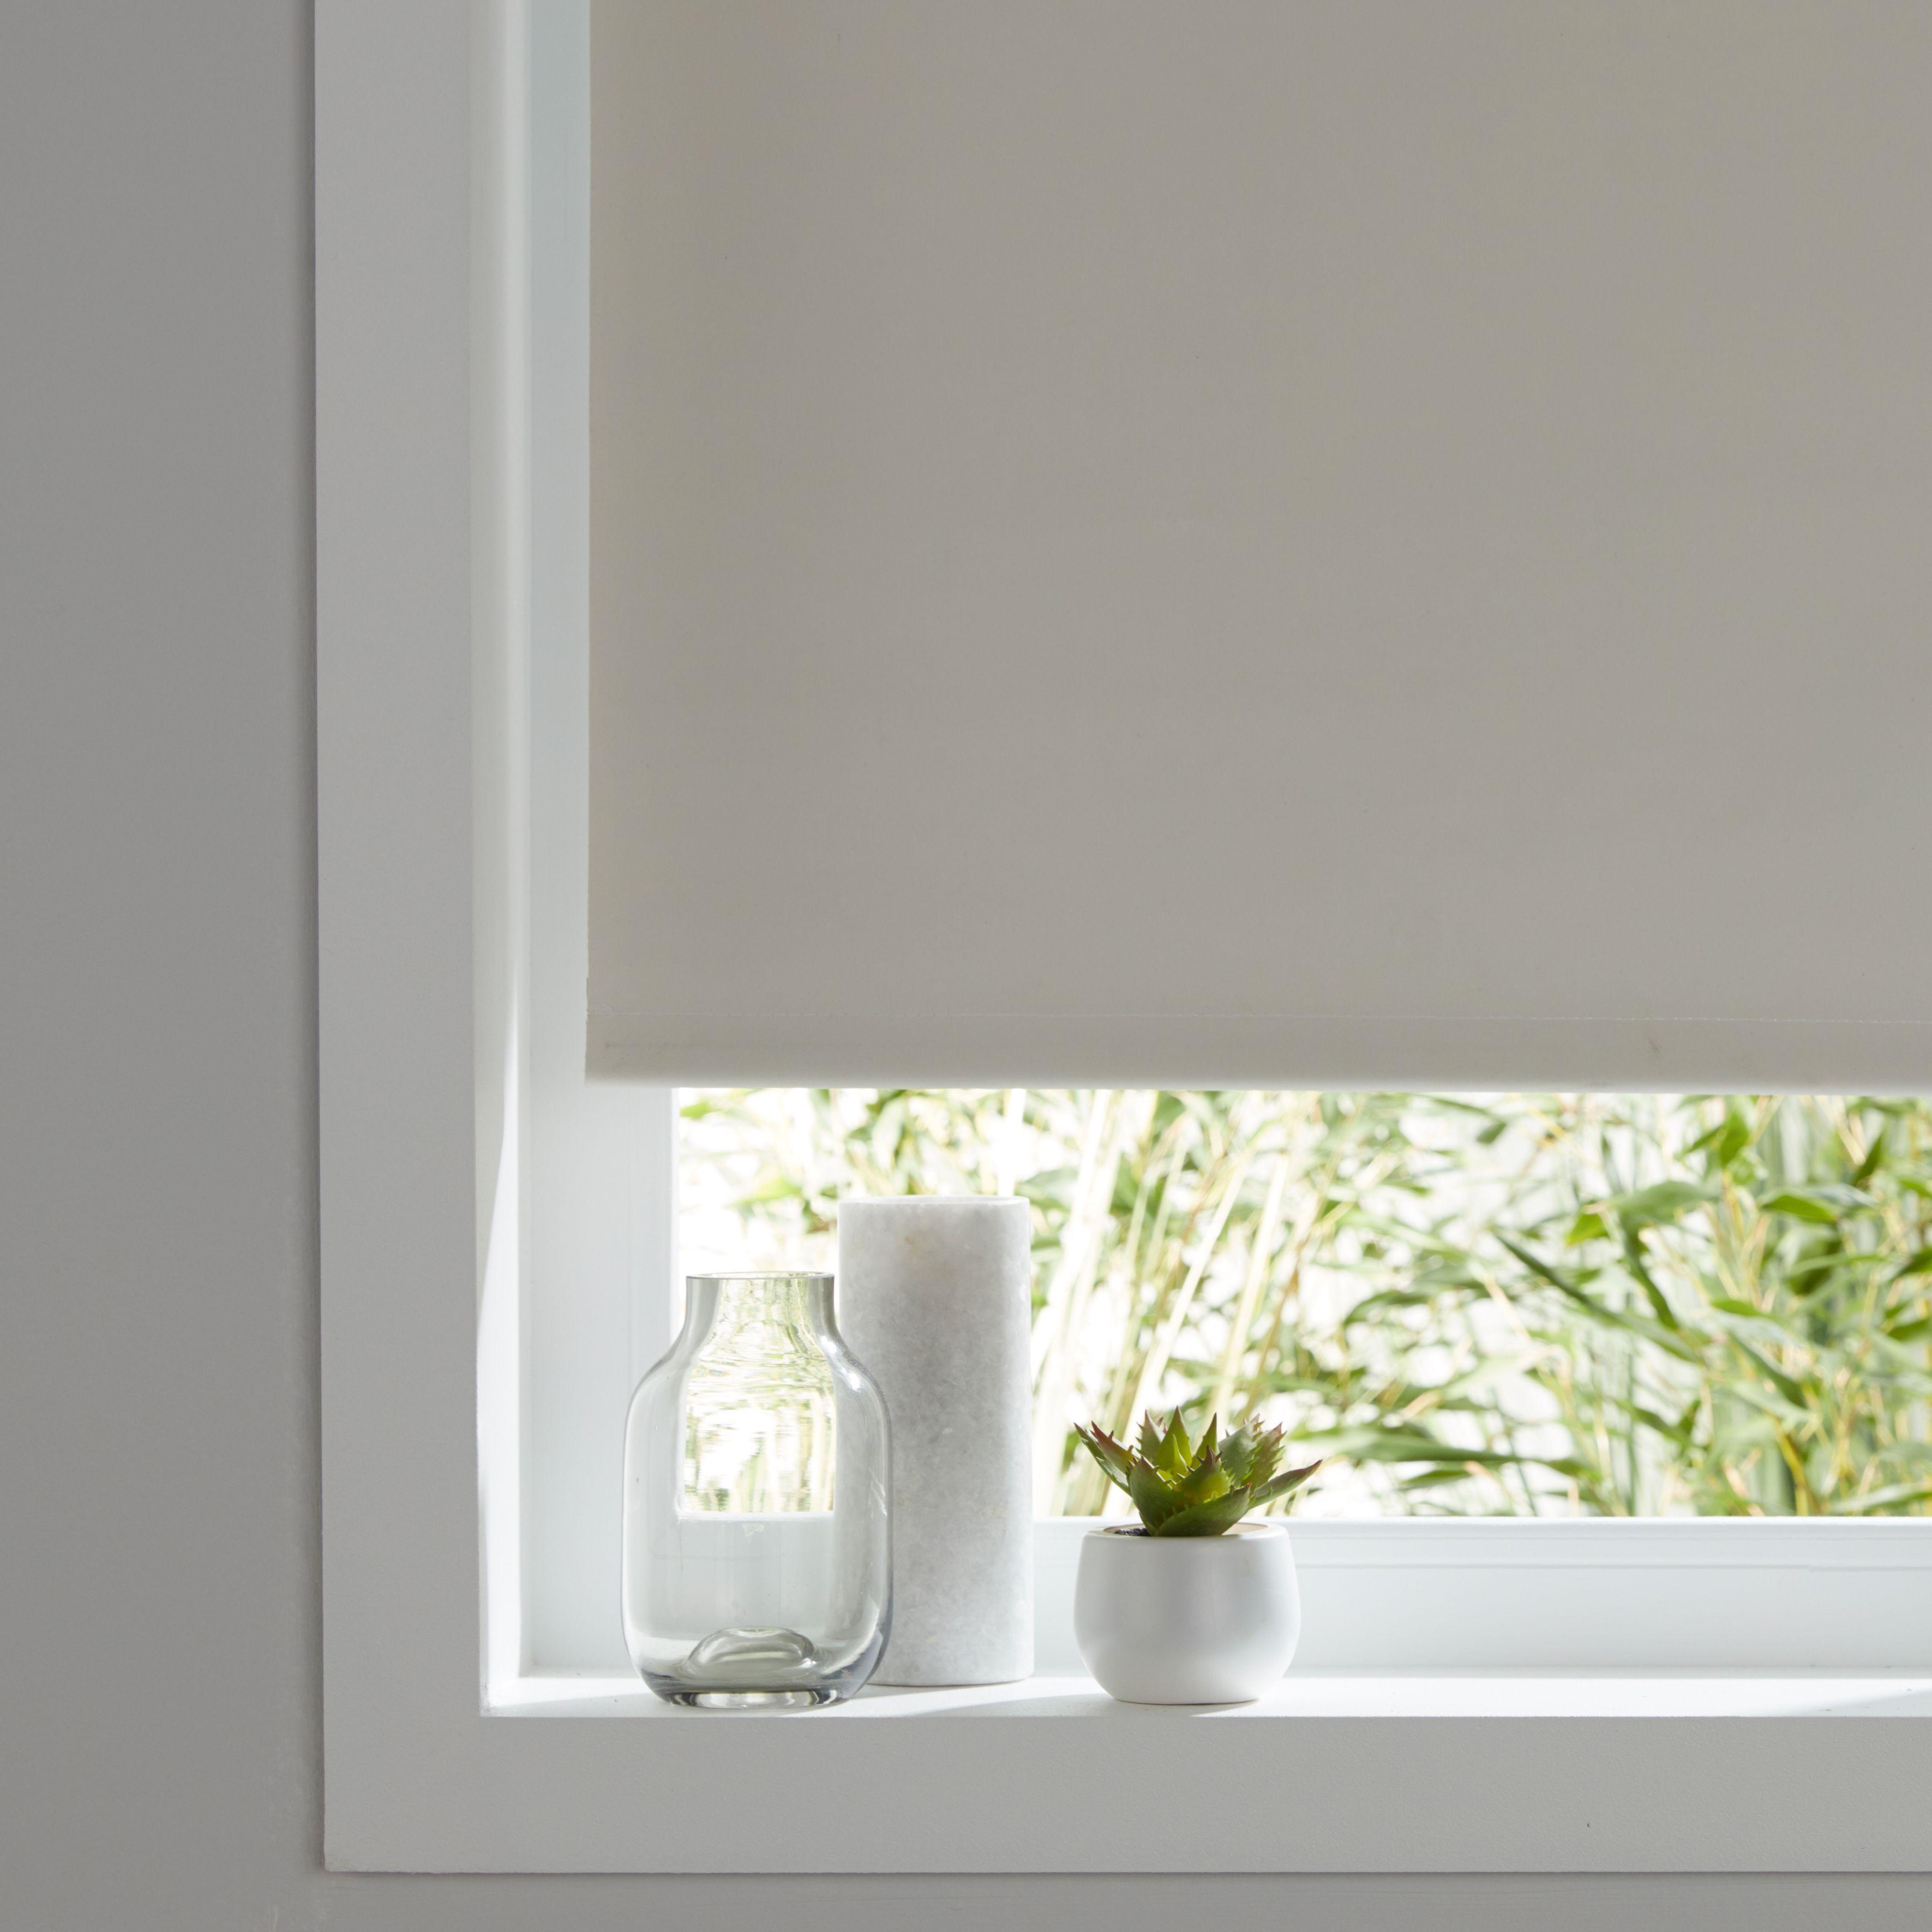 colours pama corded white roller blind l 195 cm w 160 cm. Black Bedroom Furniture Sets. Home Design Ideas